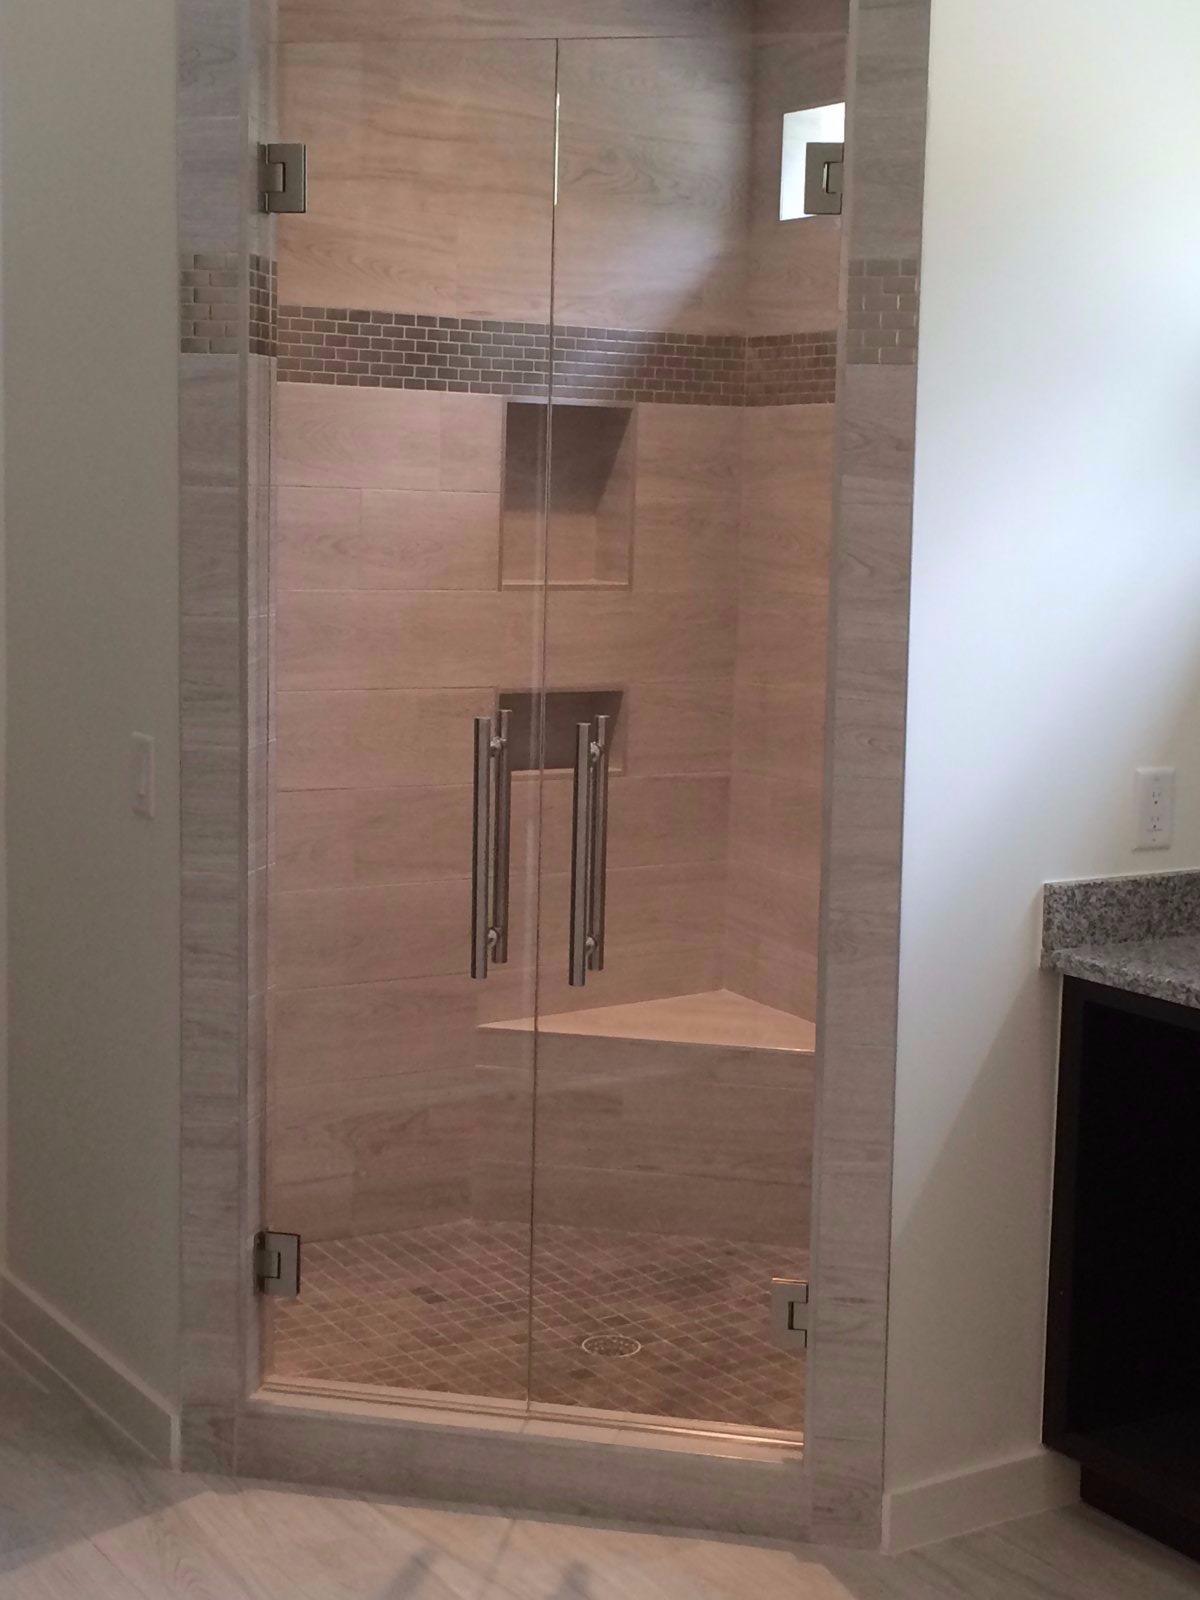 Double Door Enclosure With Low Iron Glass – Mia Shower Doors